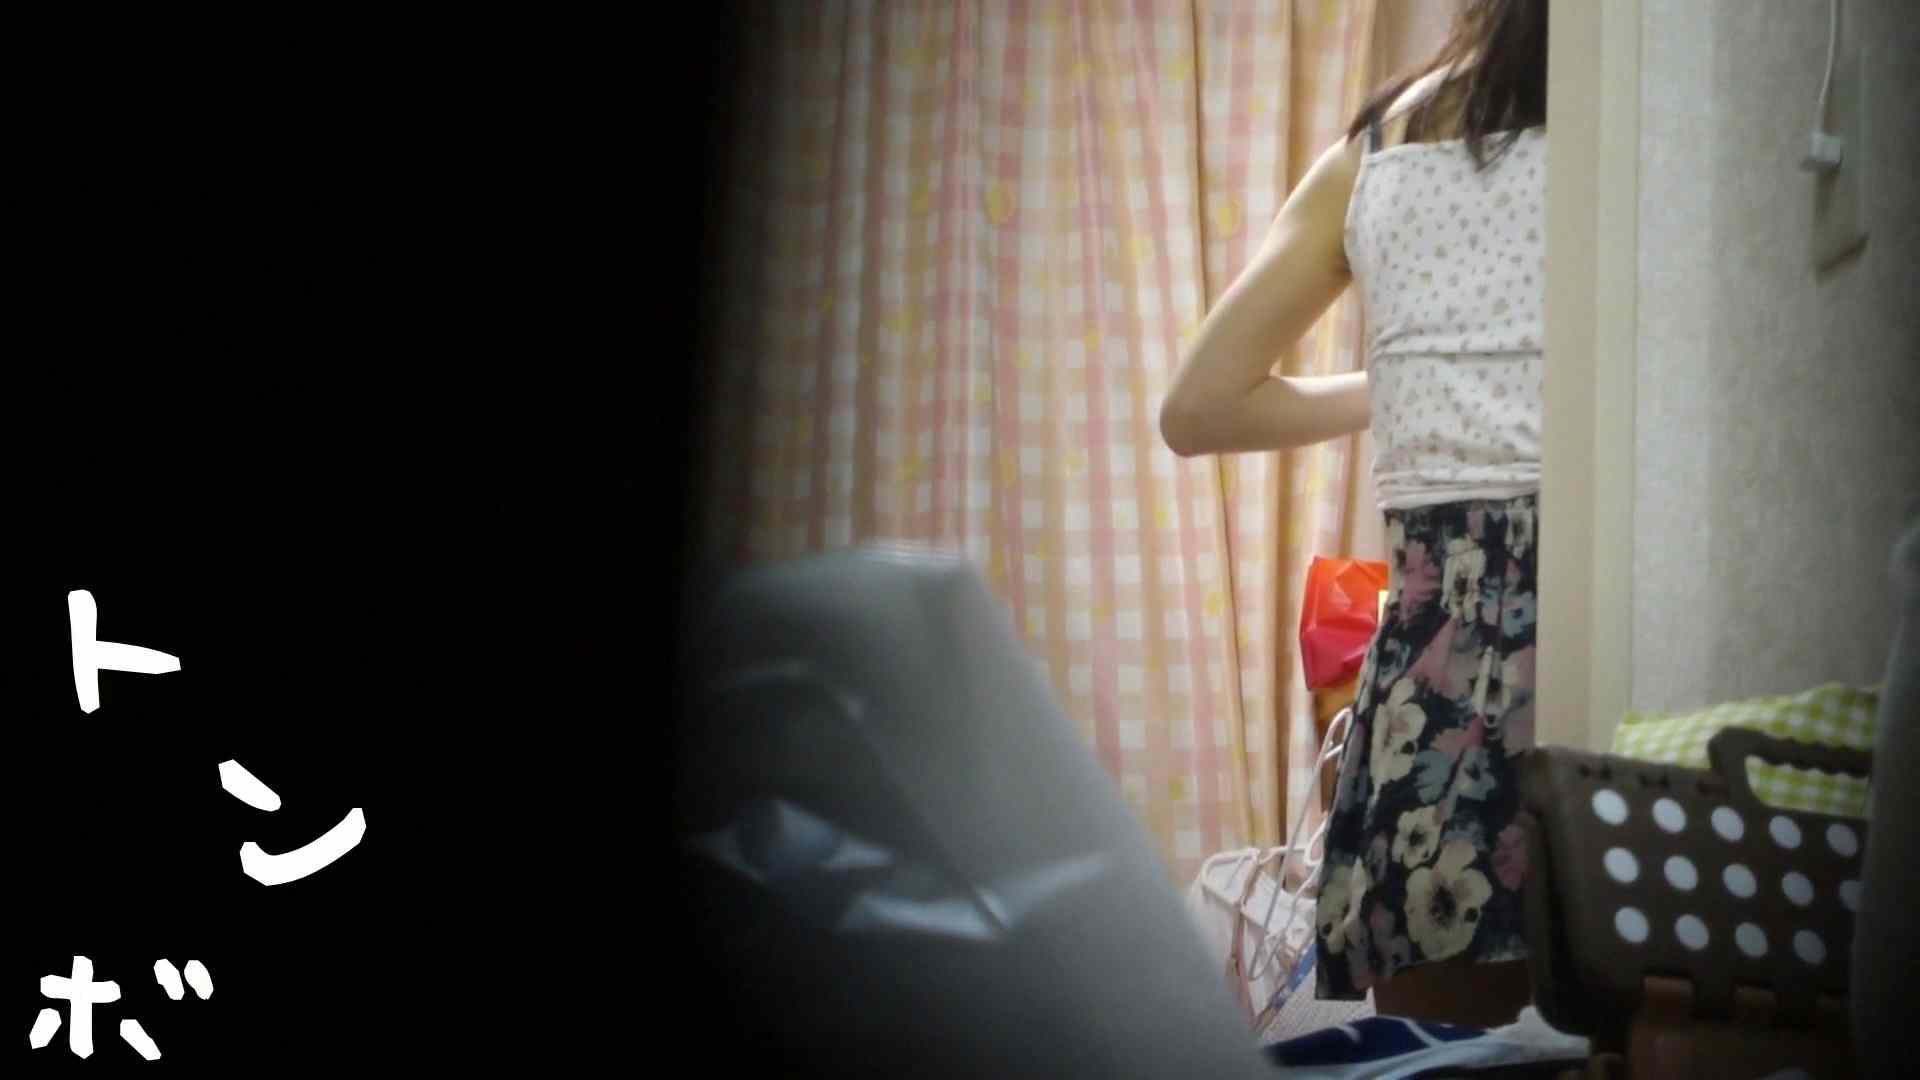 リアル盗撮 現役女子大生の私生活2 美乳   ギャル攻め  105画像 25